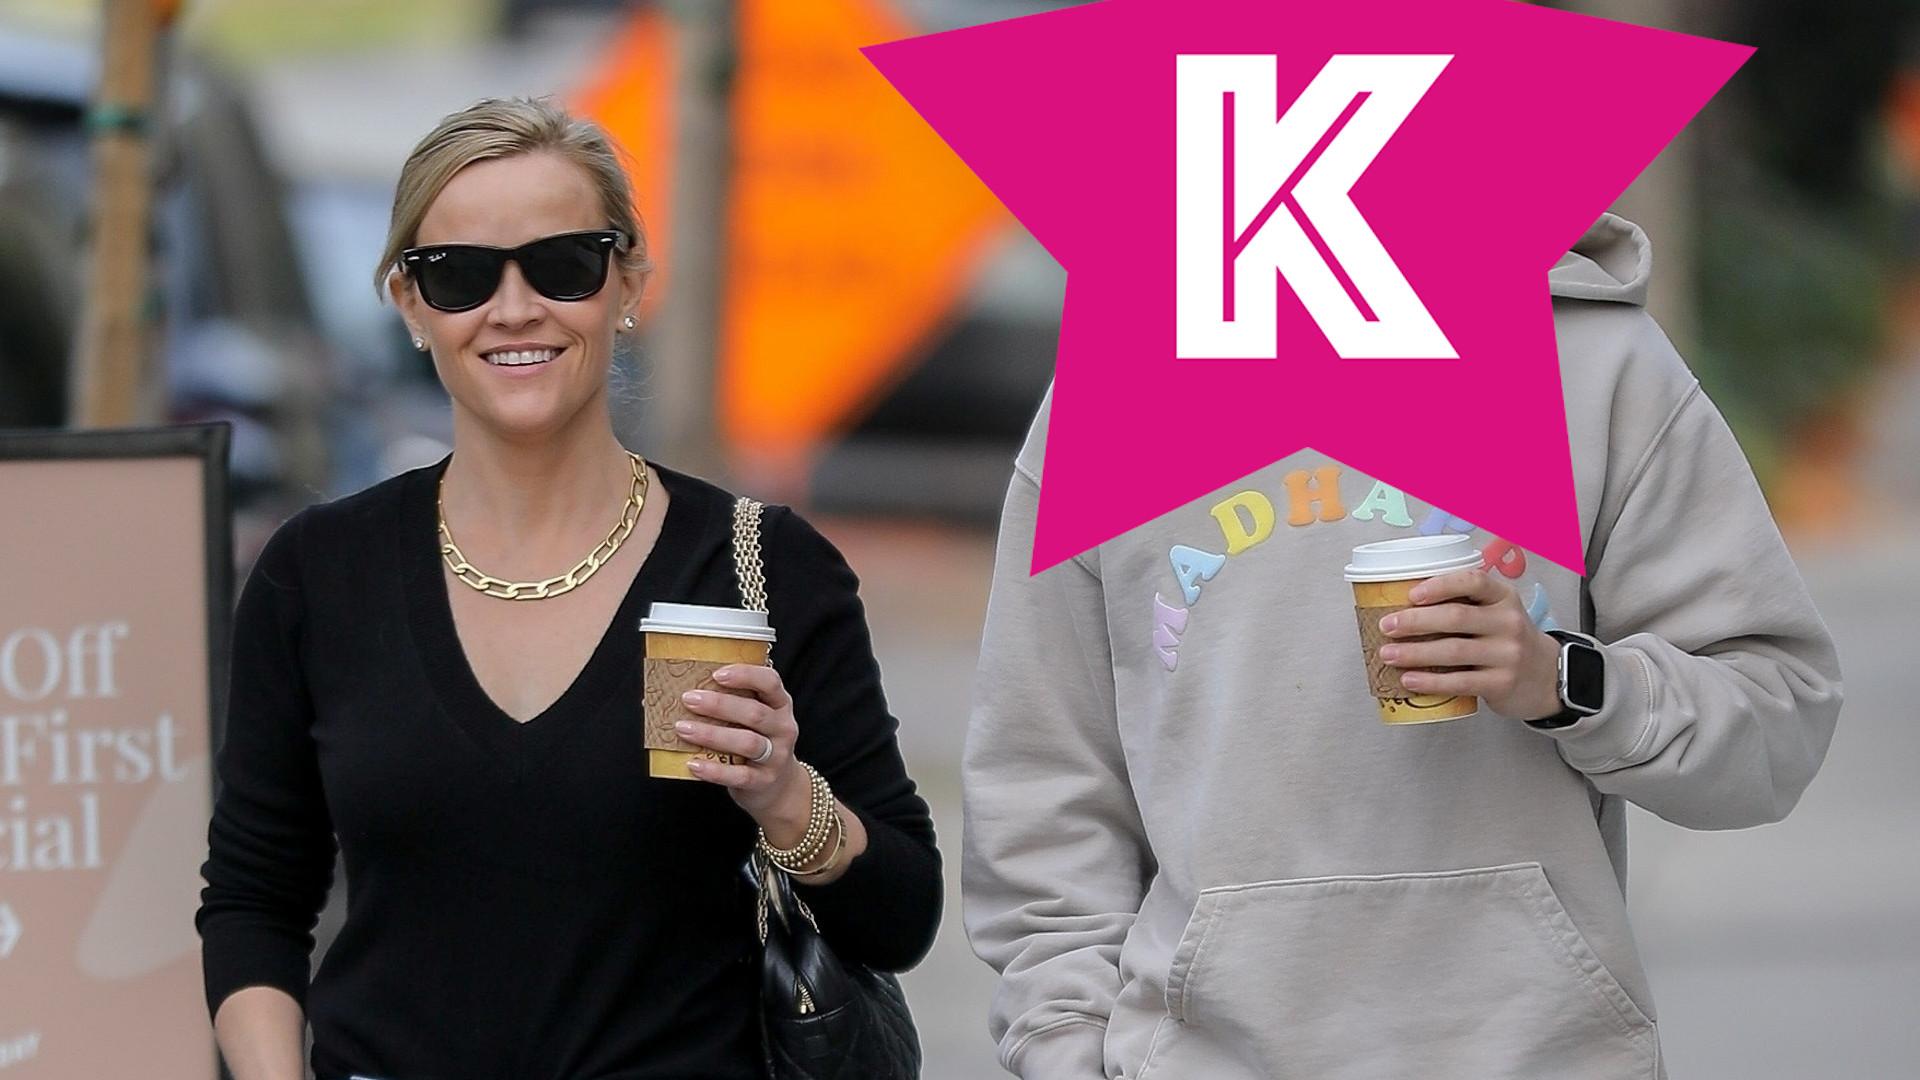 Ale przystojniak! Reese Witherspoon z 16-letnim synem Deaconem (ZDJĘCIA)